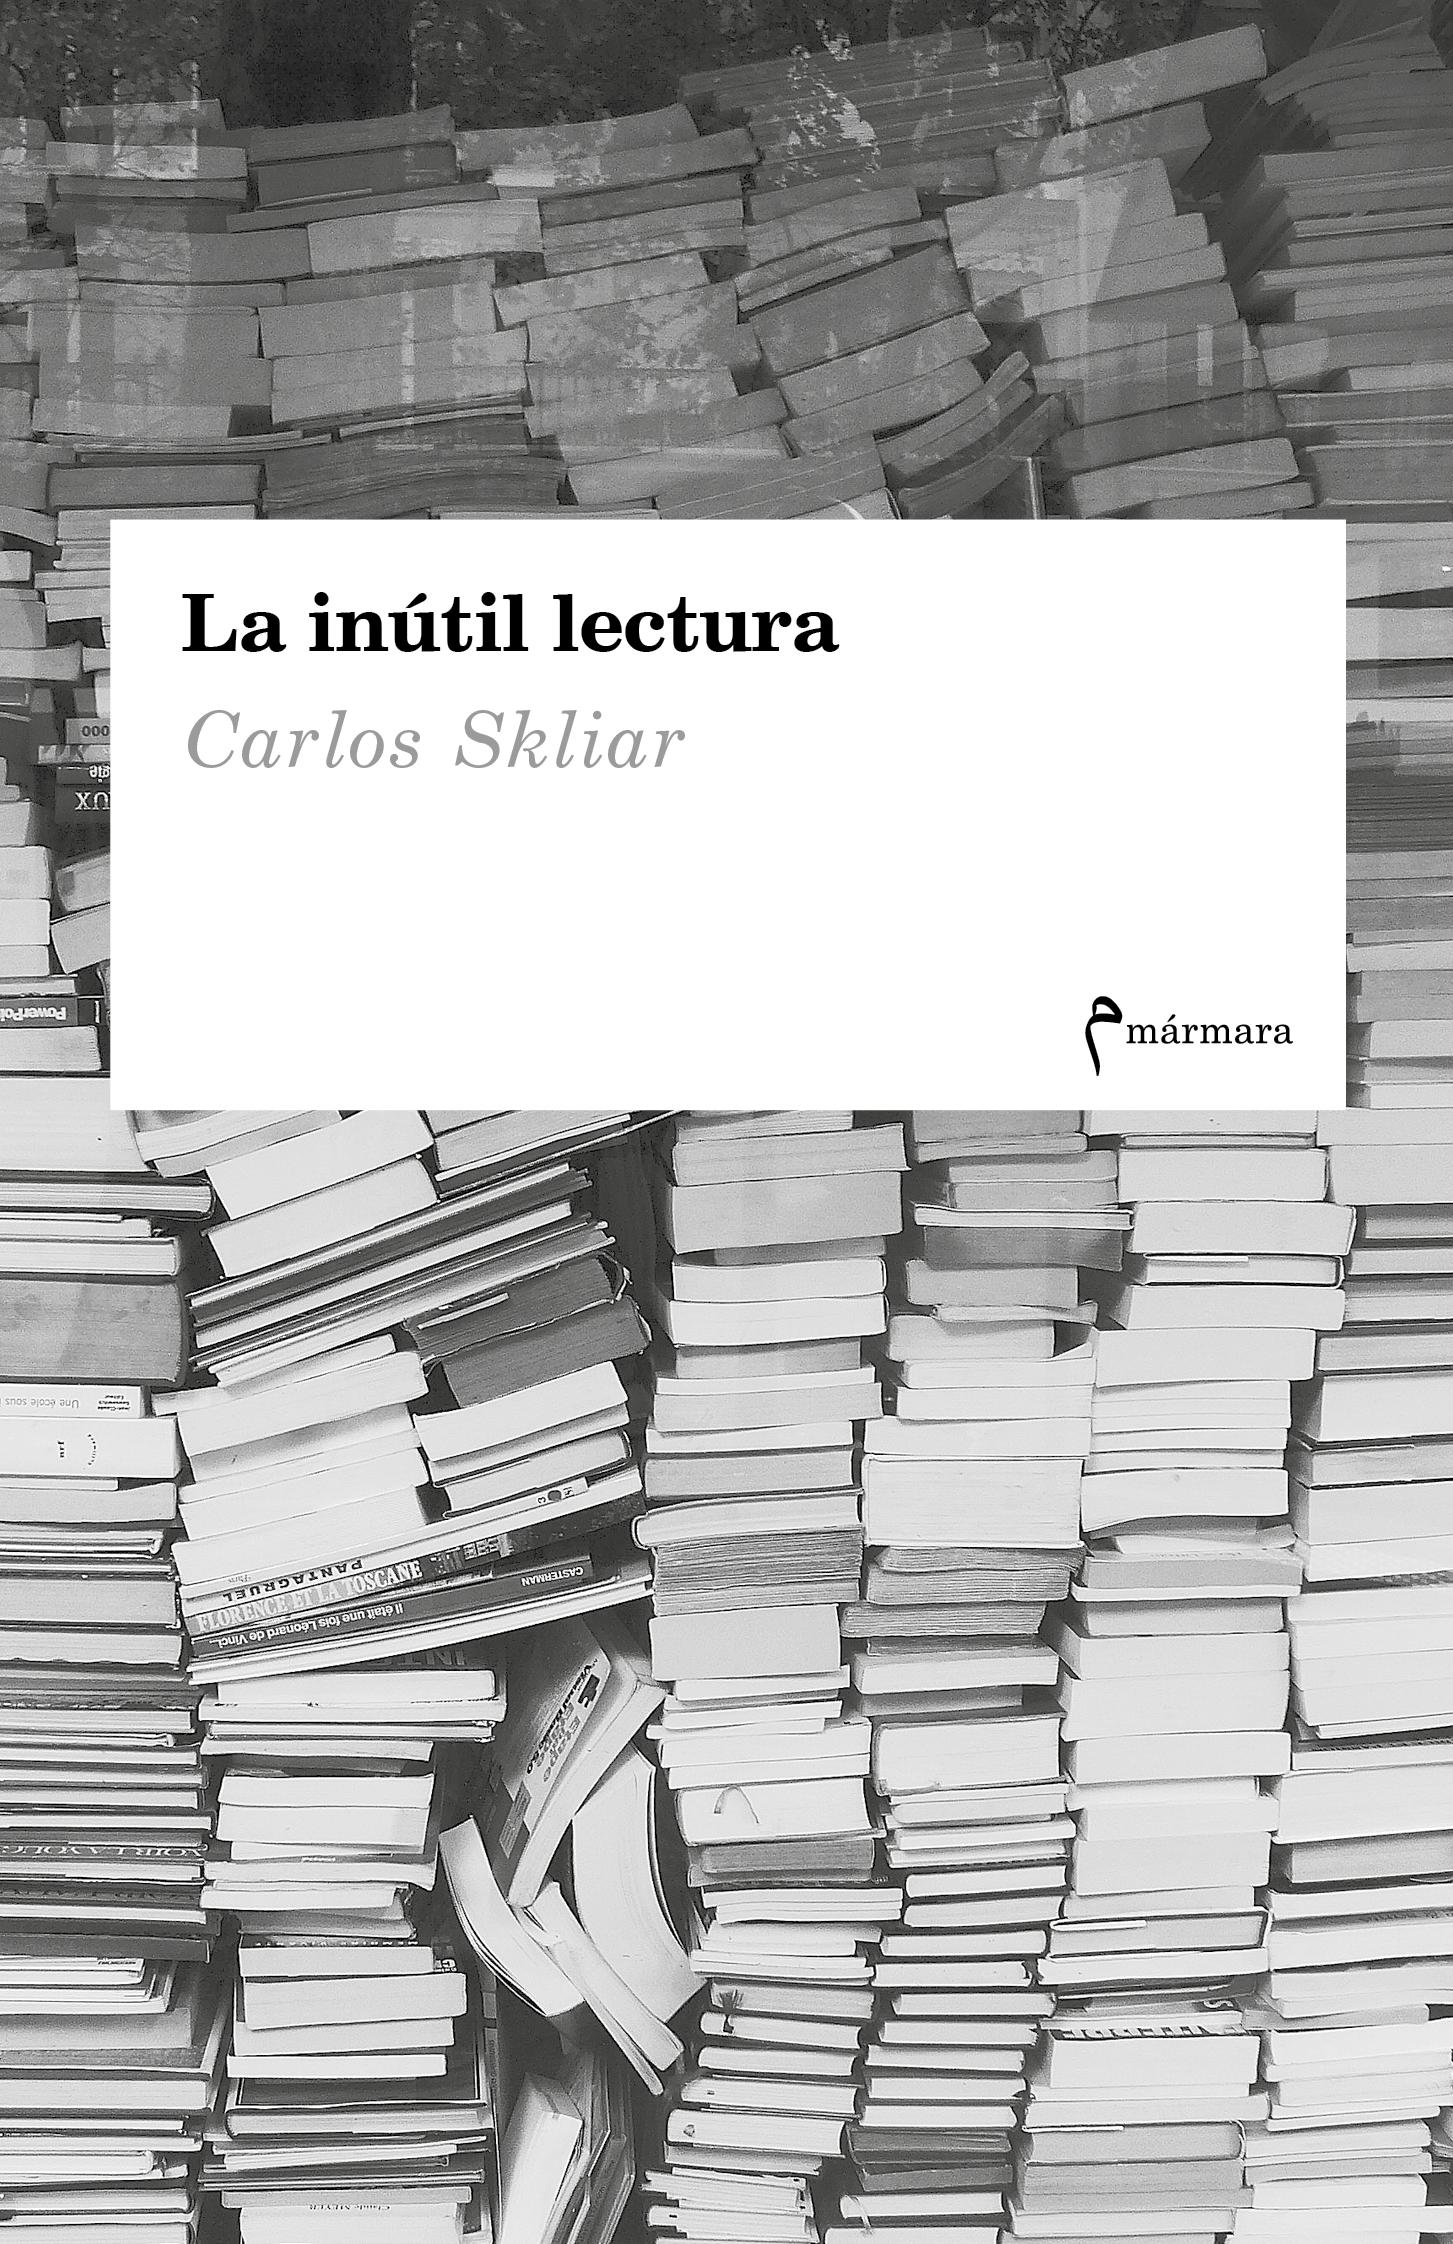 La inutil lectura